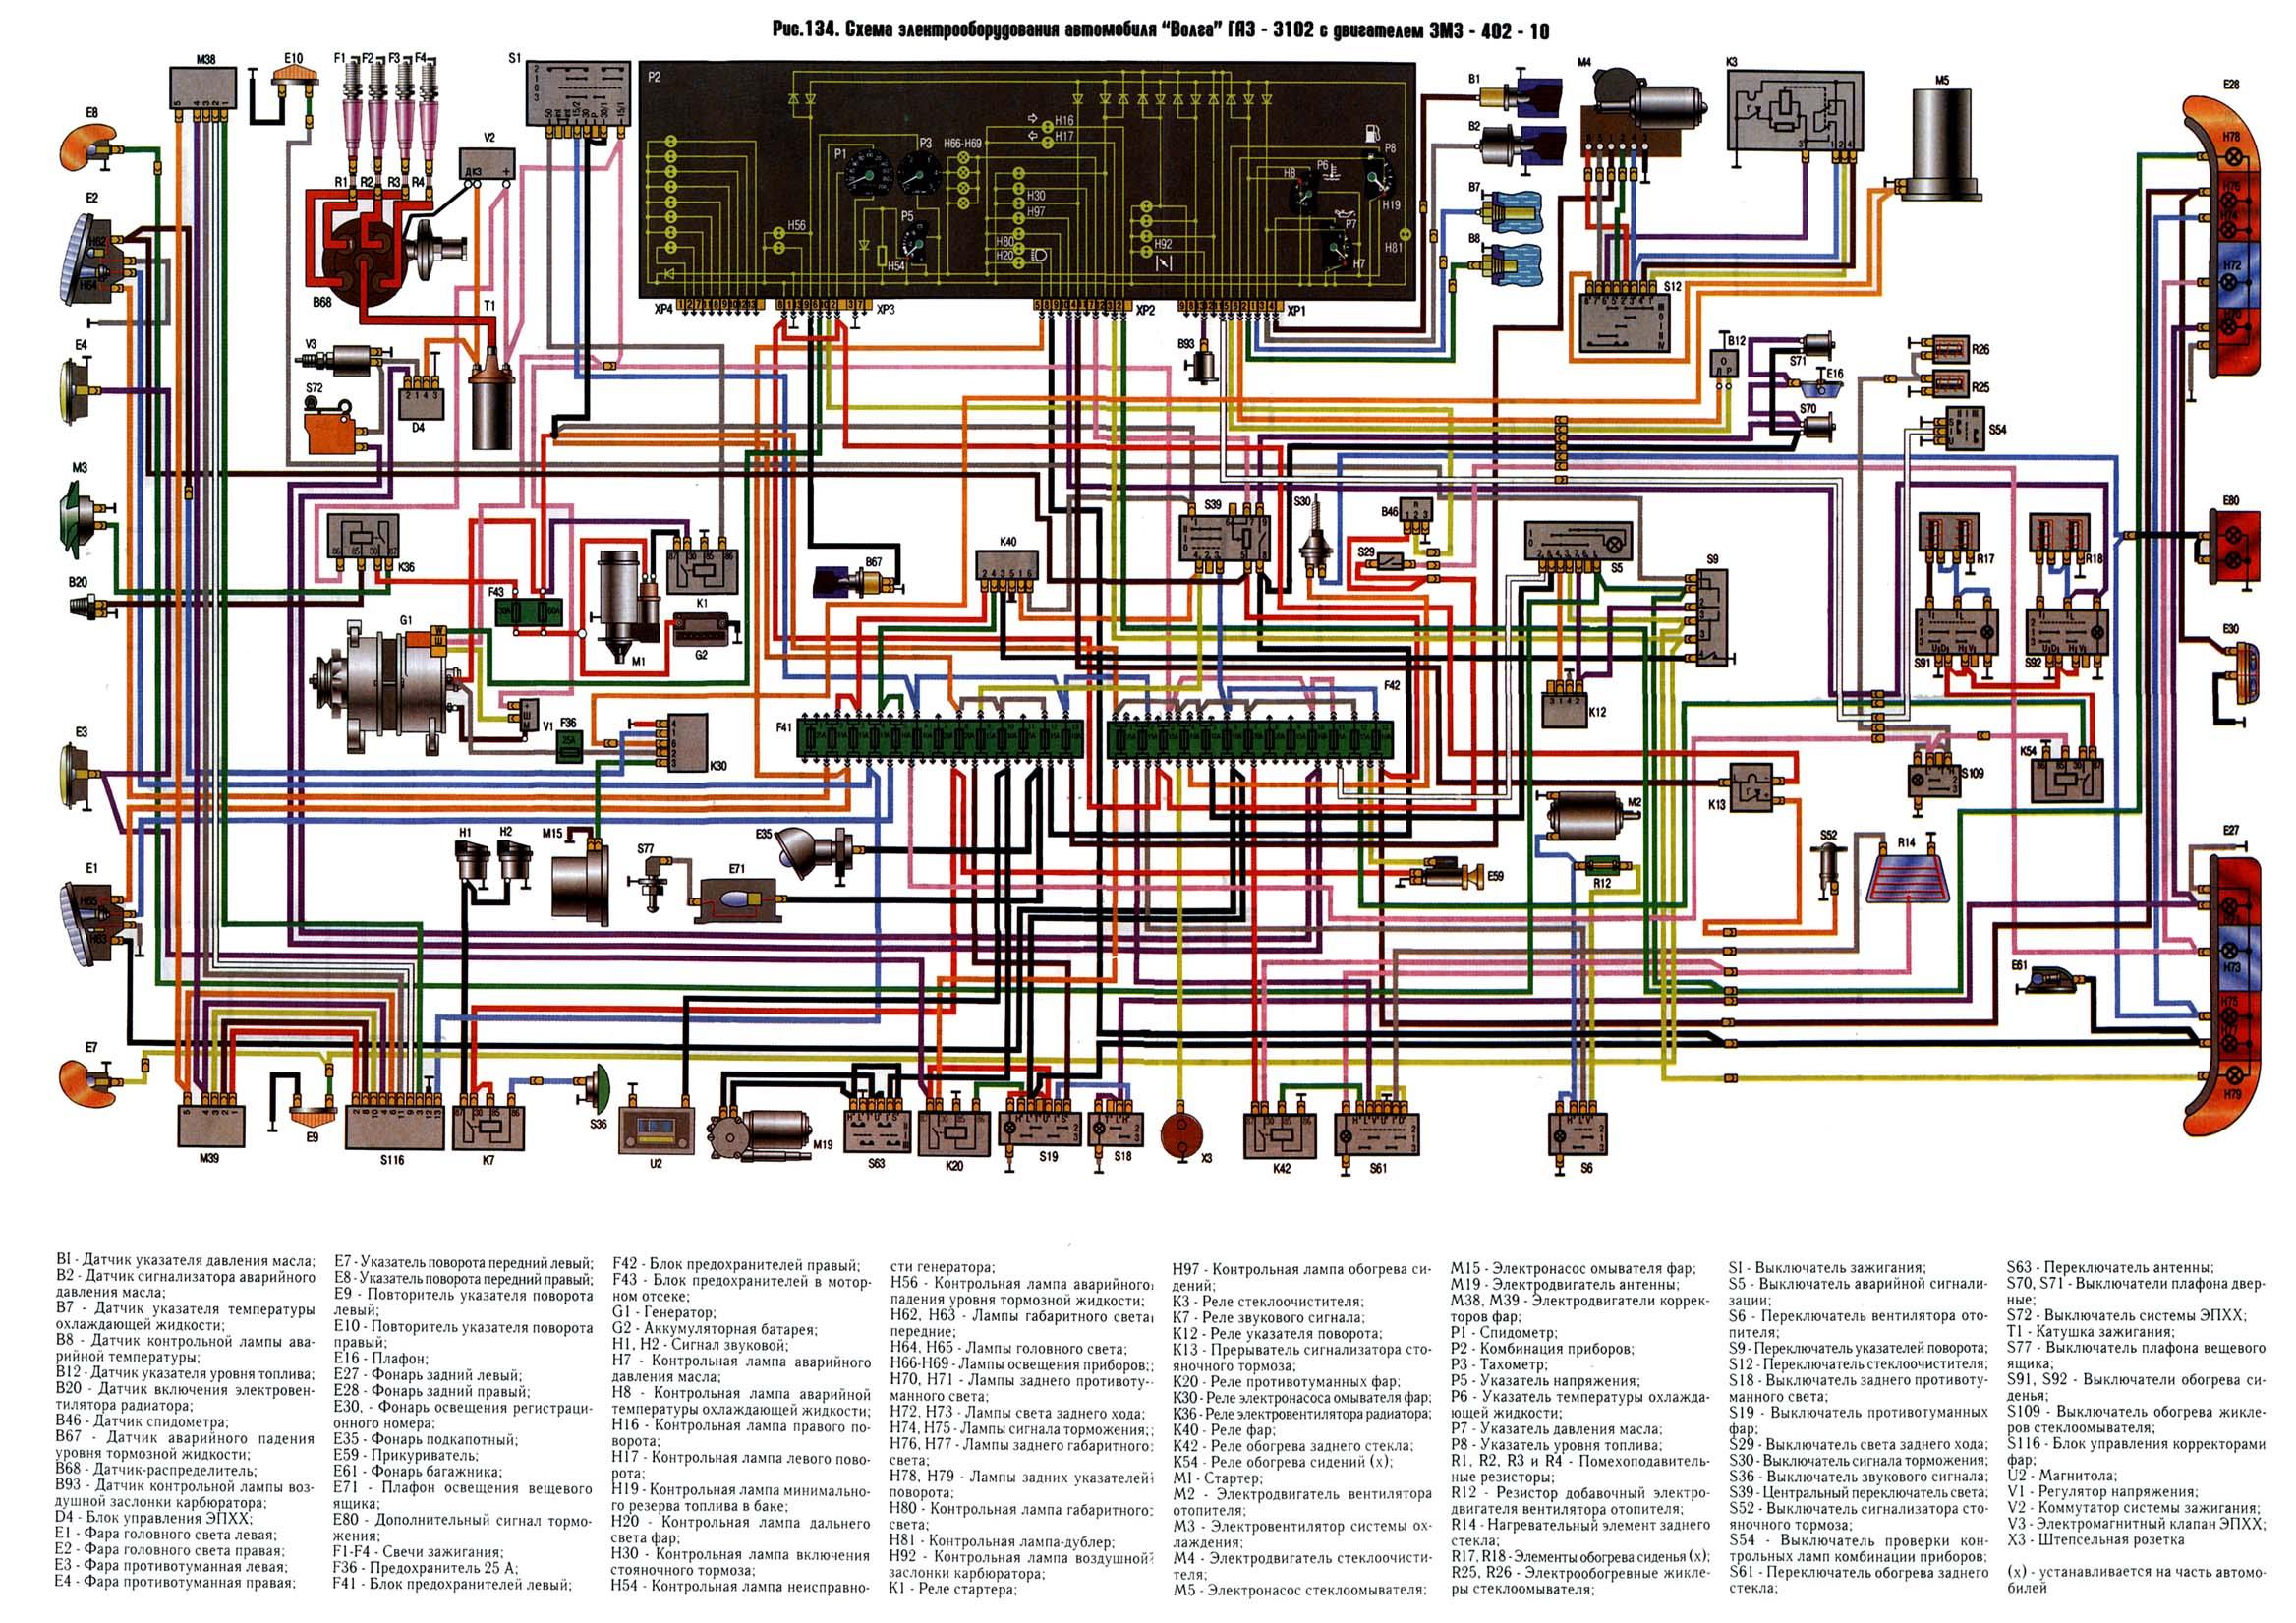 Схема электрооборудования автомобиля ГАЗ-31105 с двигателем Chrysler2.4L DOHC.  М15 - Электродвигатель фароочистителя...